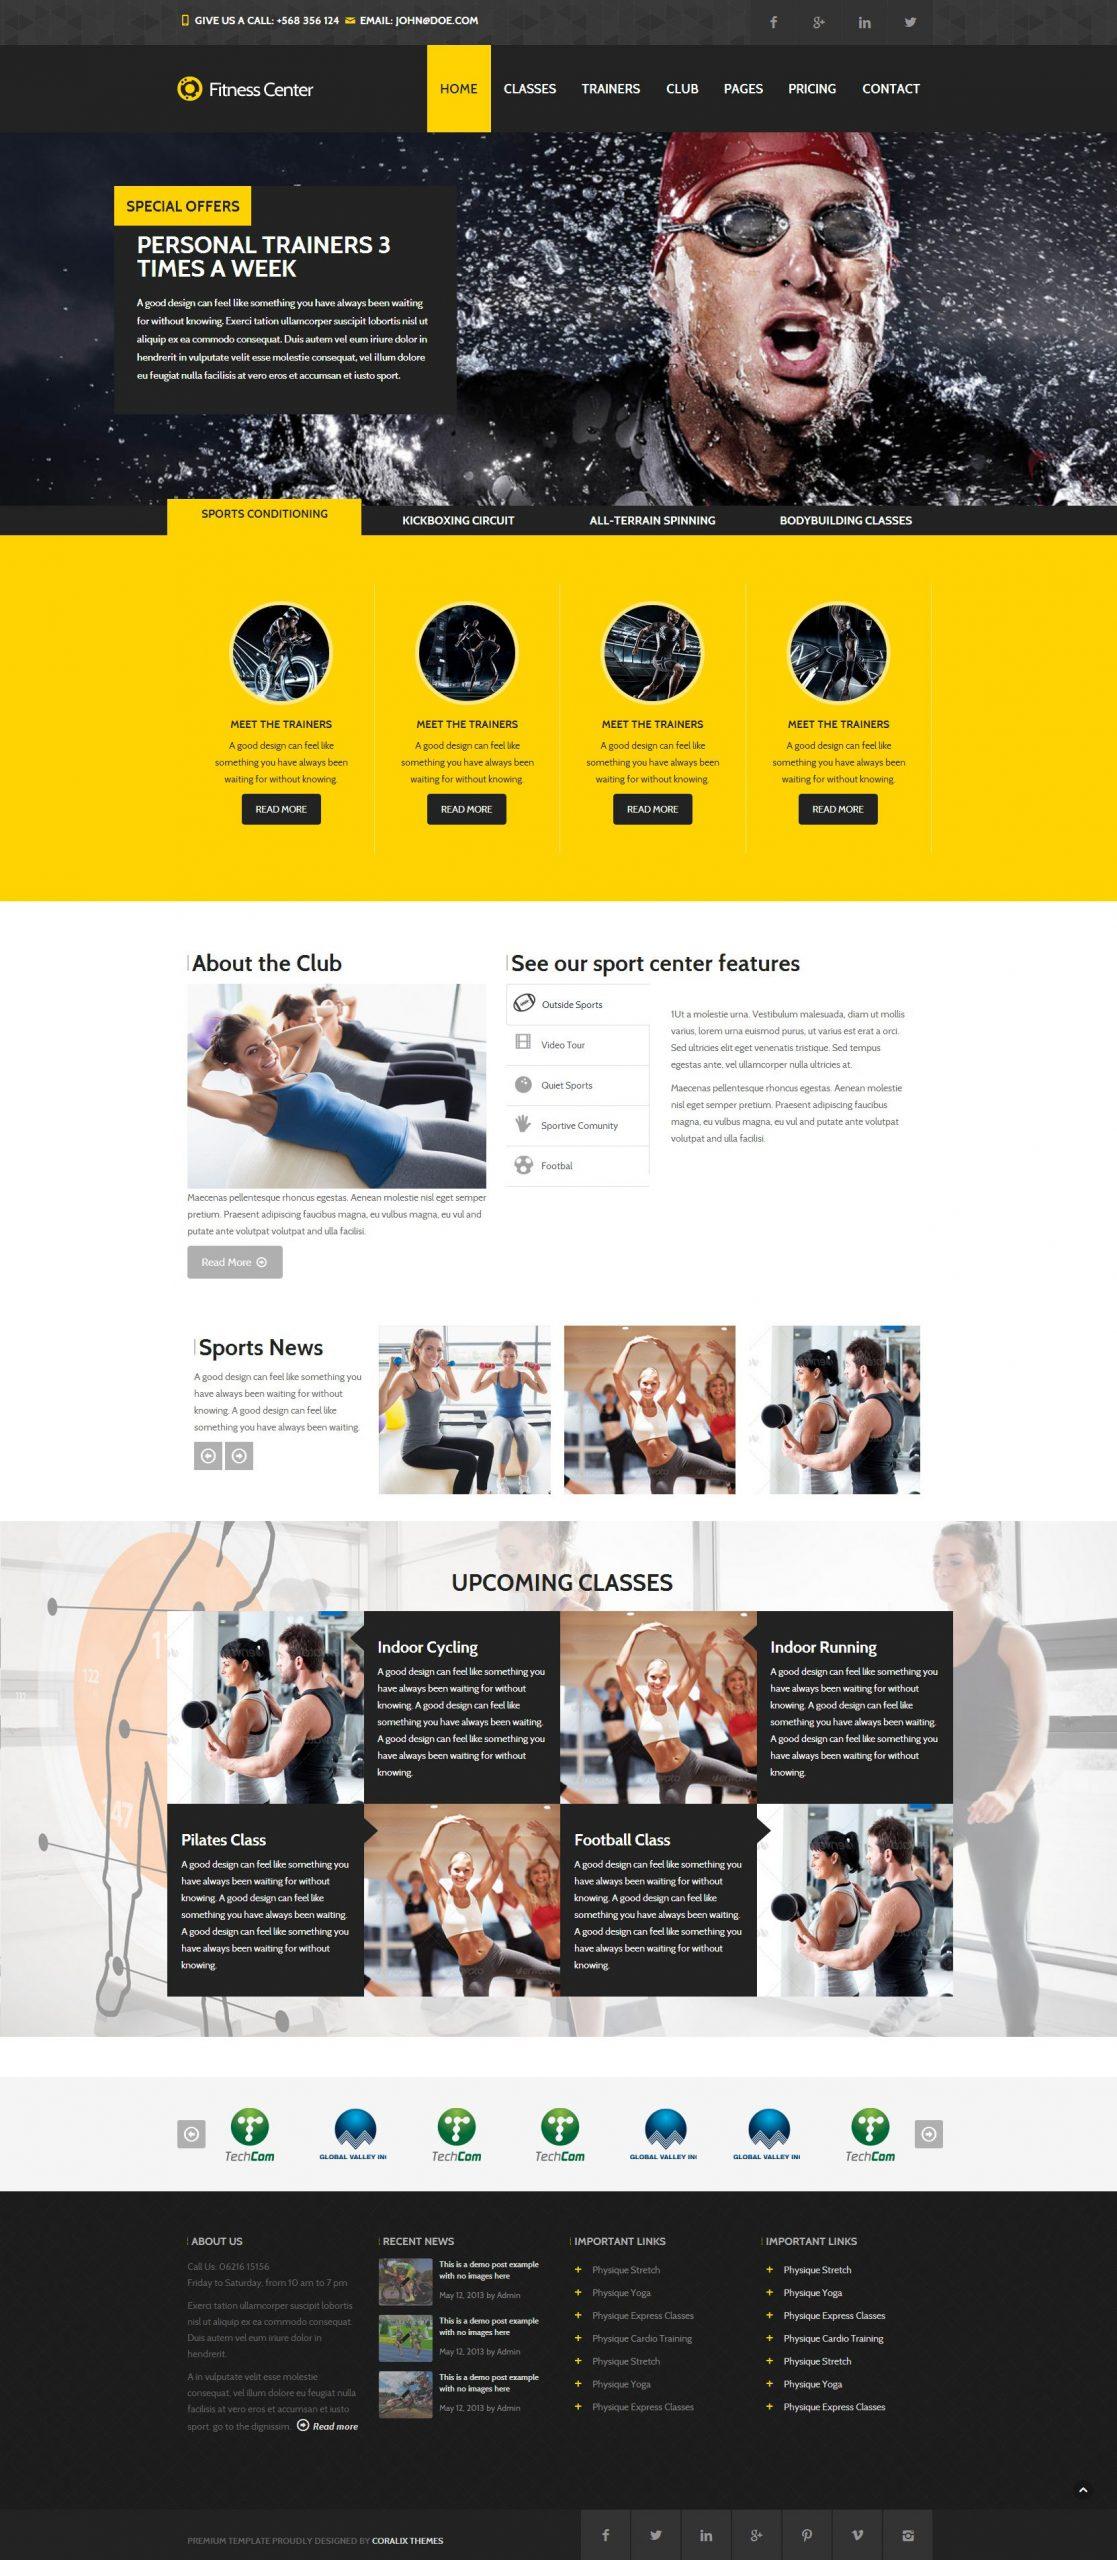 Mẫu thiết kế website trung tâm thể dục - thể thao